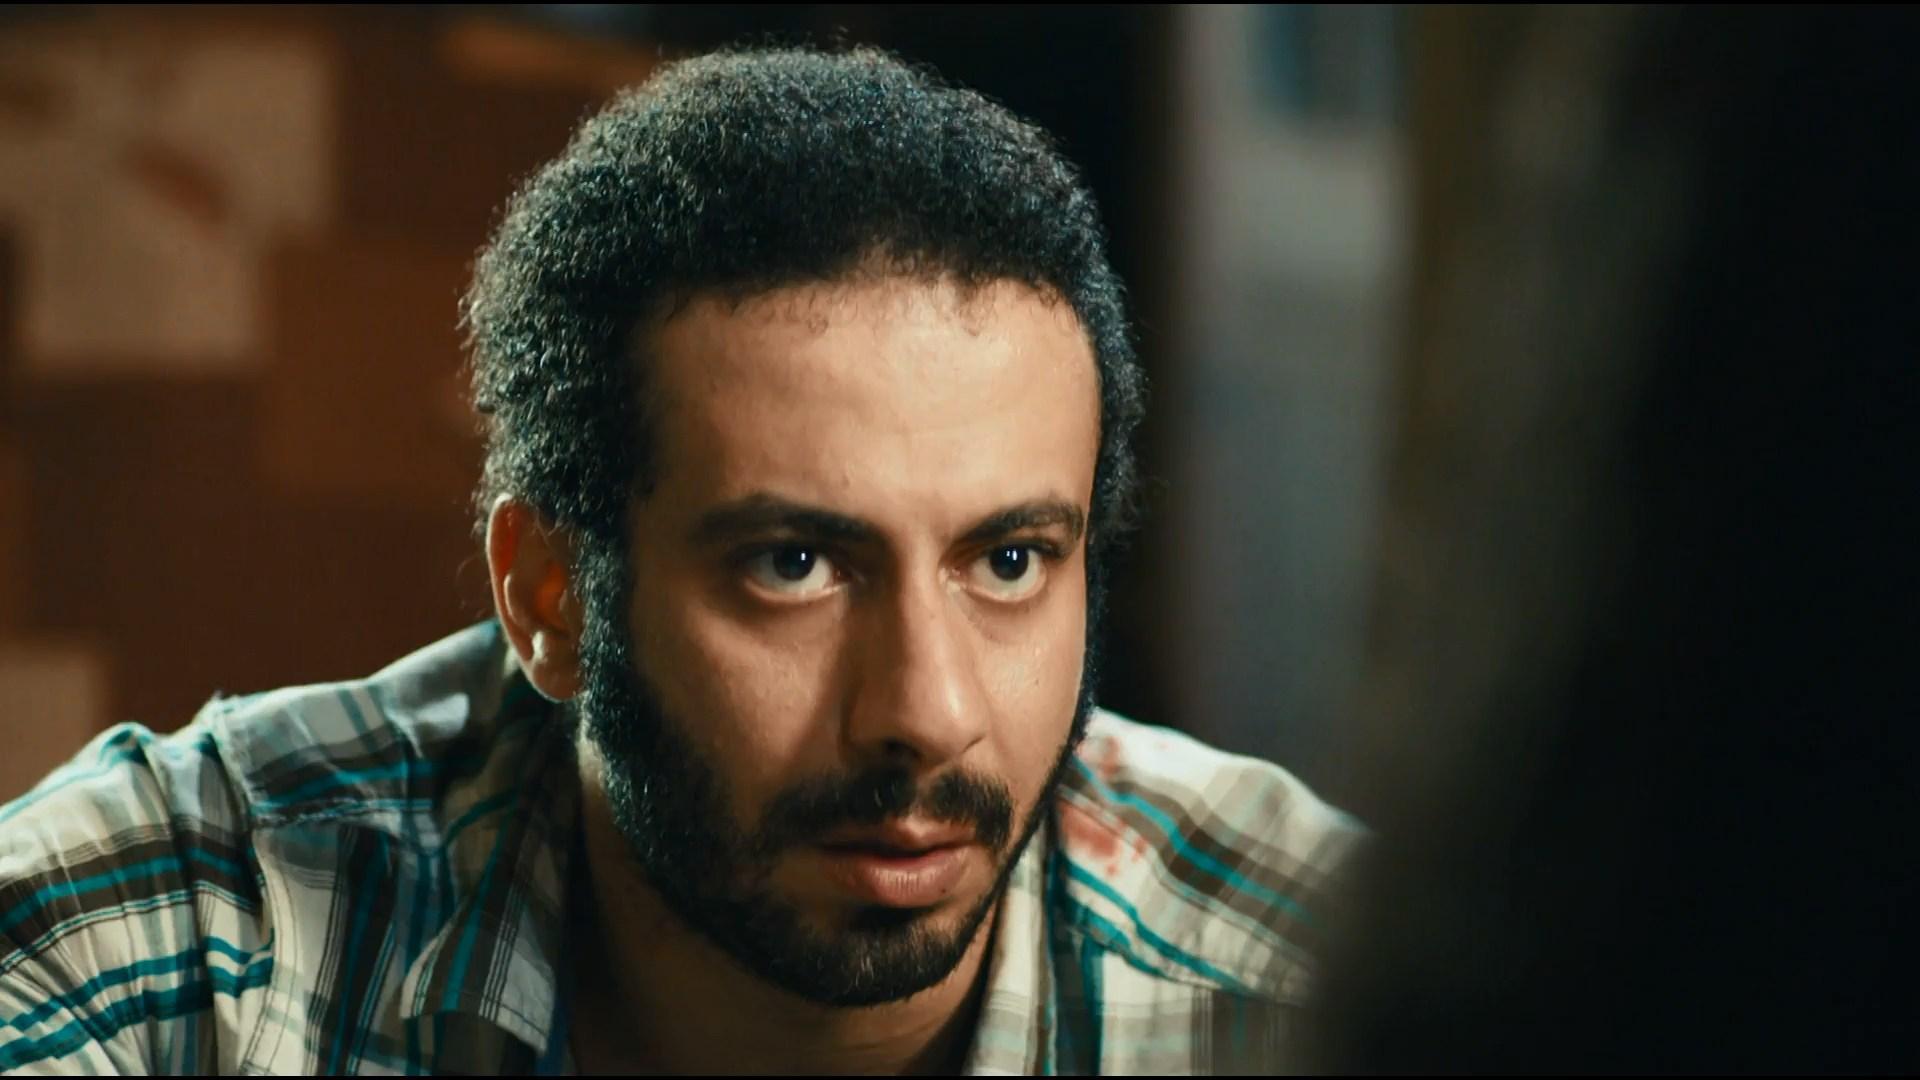 [فيلم][تورنت][تحميل][القشاش][2013][1080p][Web-DL] 7 arabp2p.com